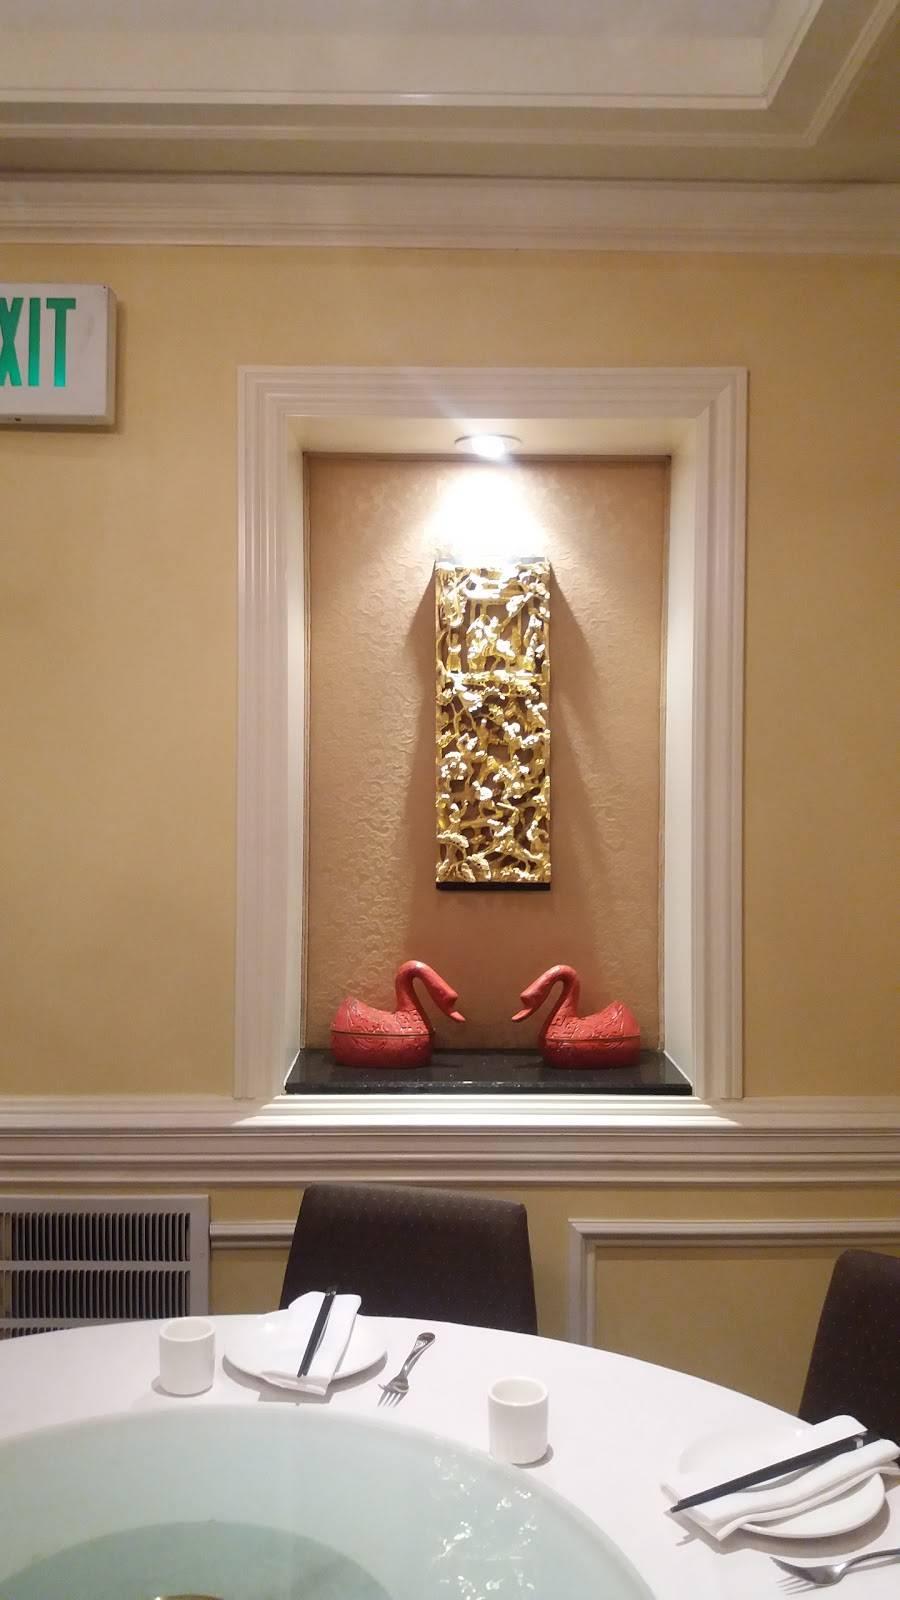 珍宝楼 | restaurant | 560 Waverley St, Palo Alto, CA 94301, USA | 6503299168 OR +1 650-329-9168